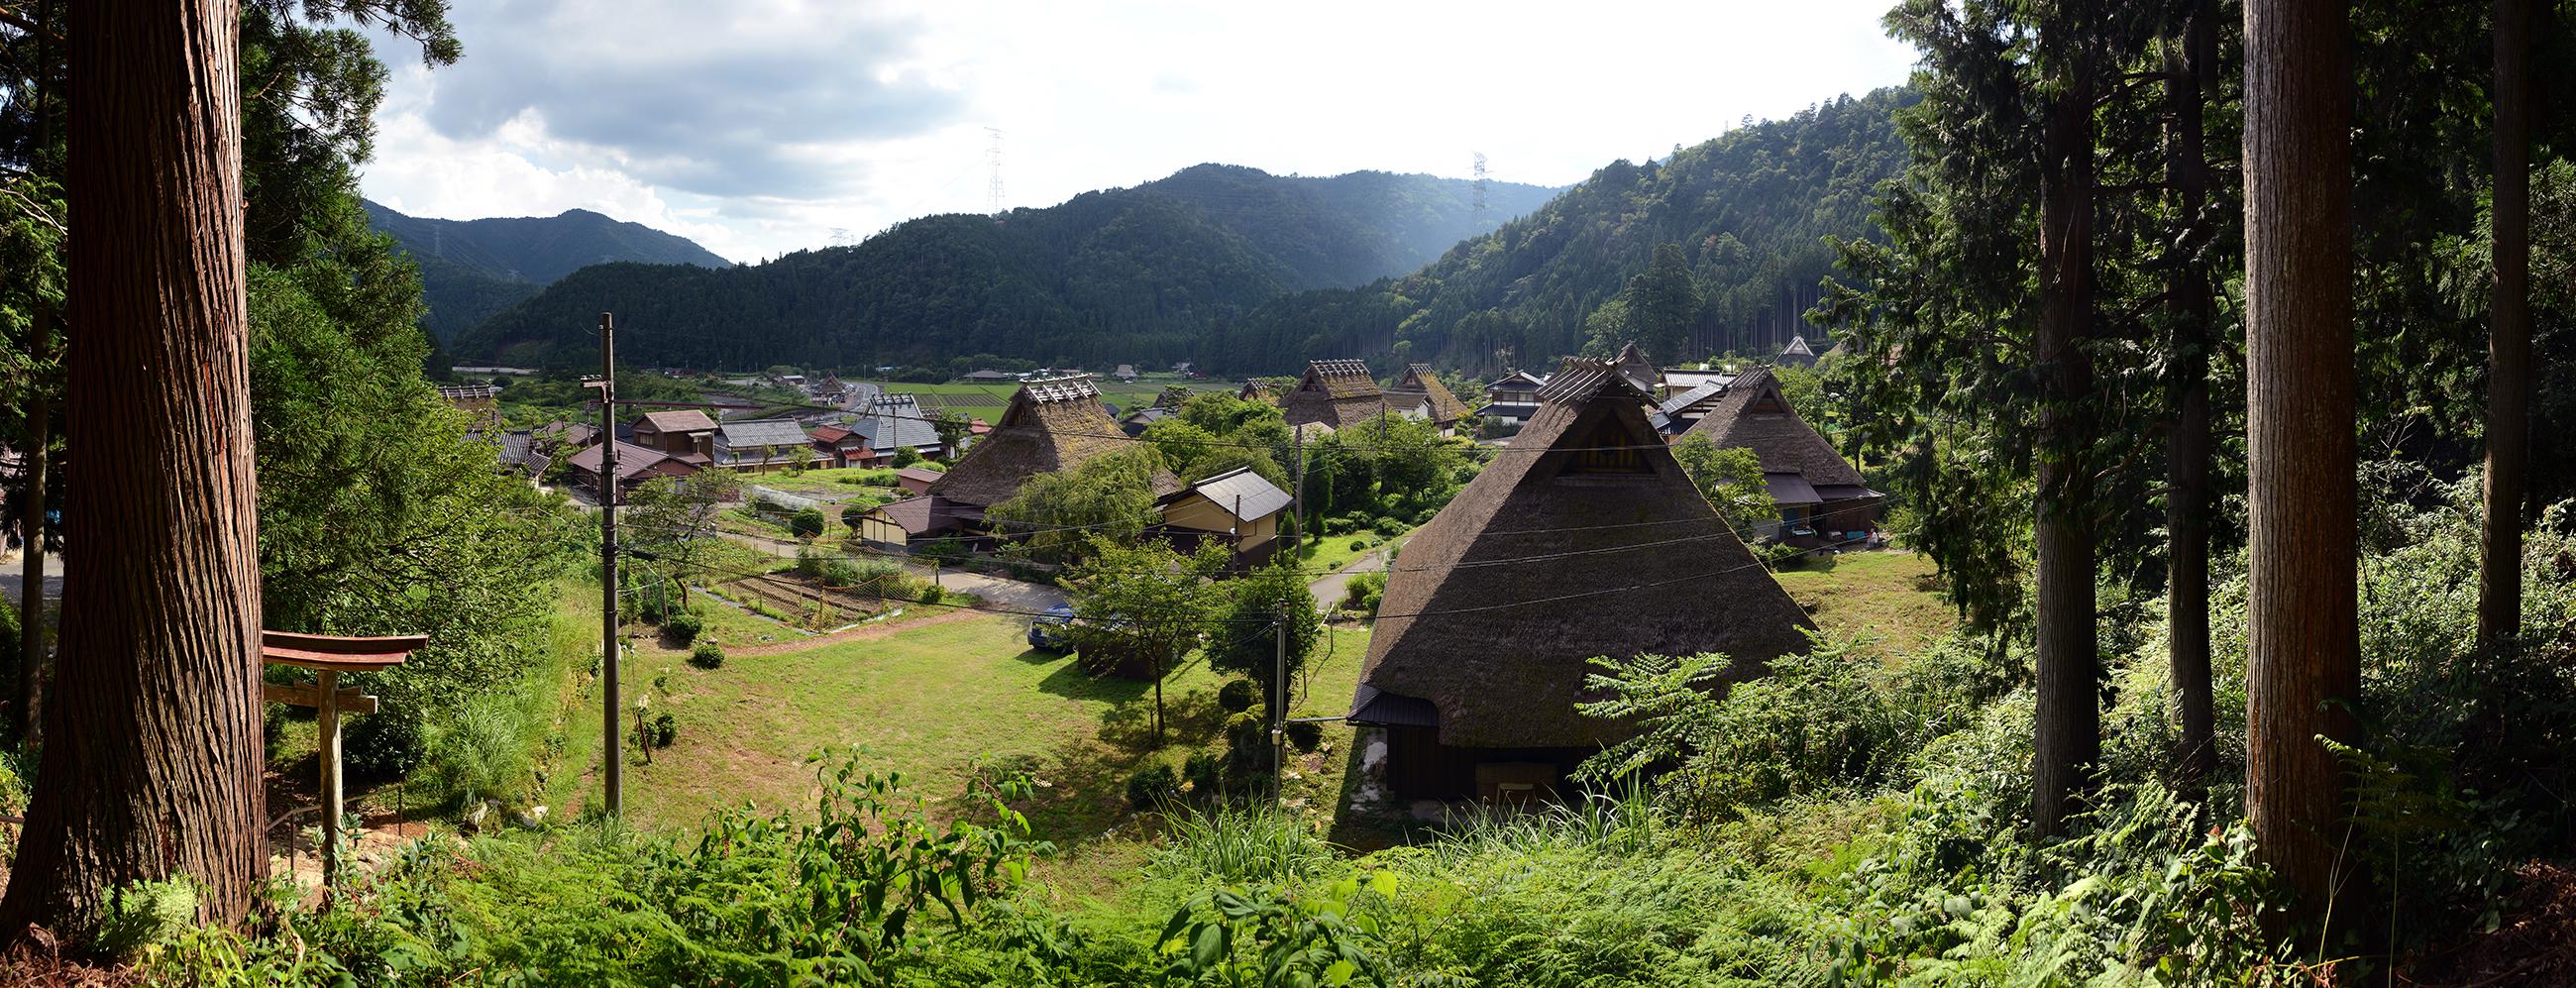 Miyama, Japan